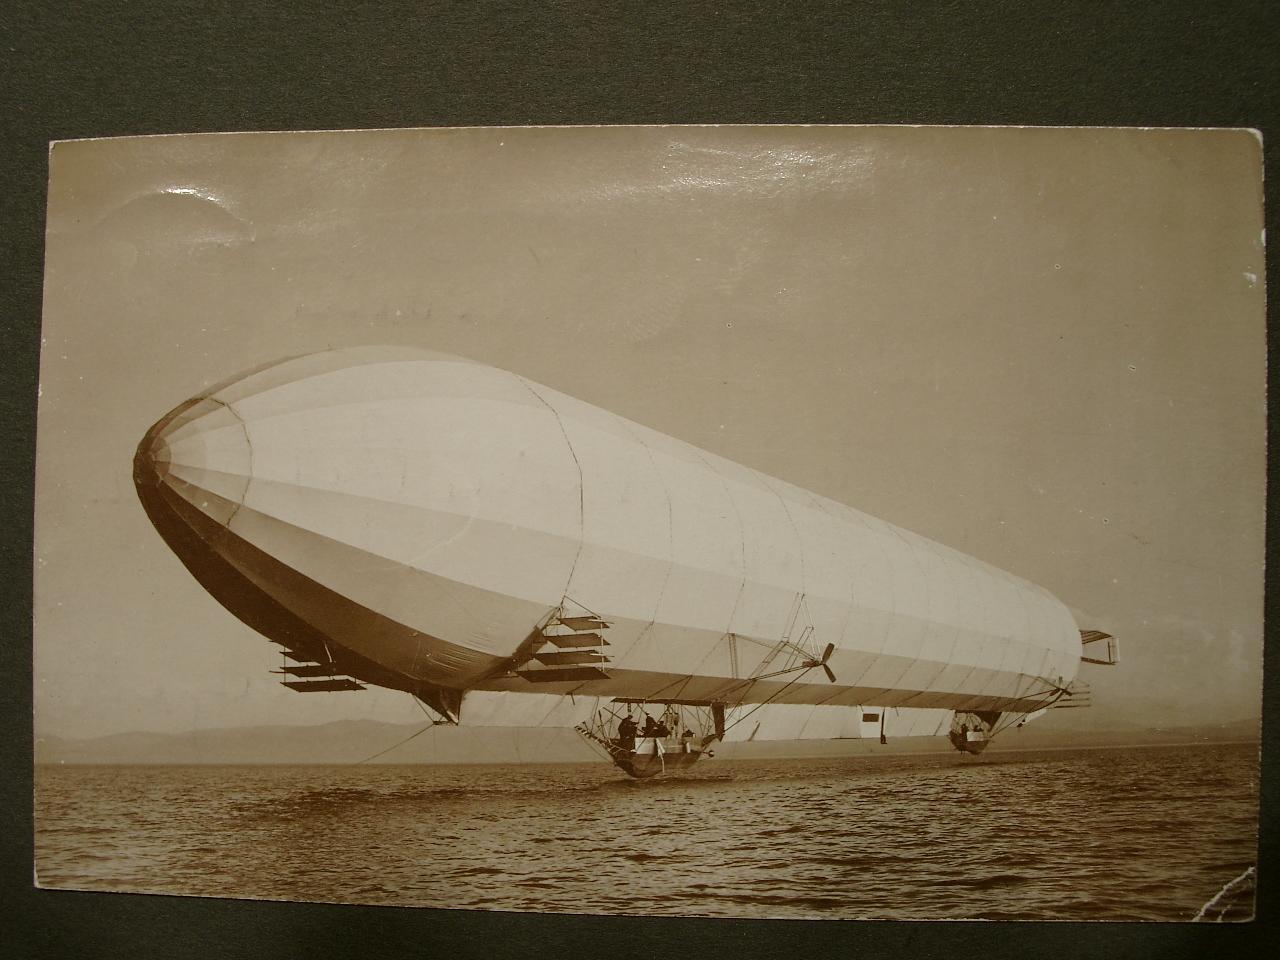 Photographische Postkarte von einem Zeppelin über dem Wasser (Bodensee?)